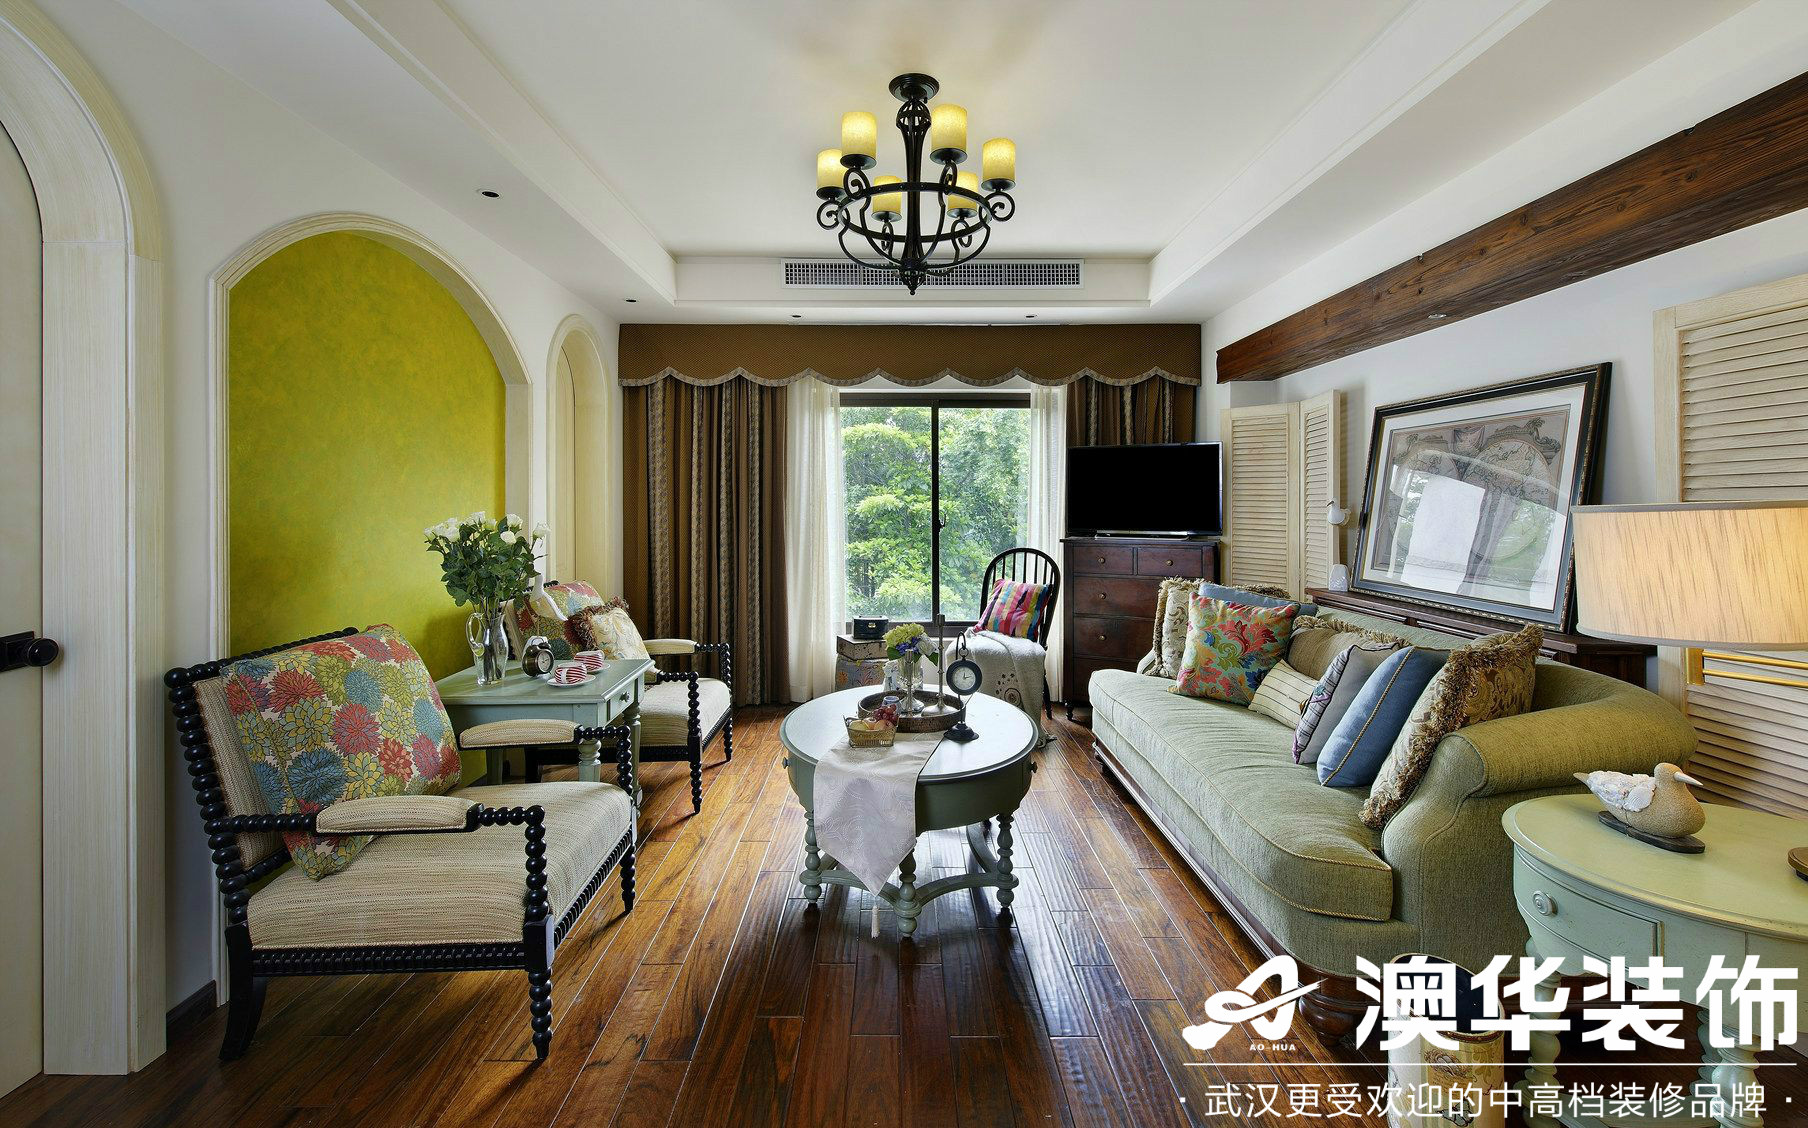 客厅图片来自澳华装饰有限公司在世茂锦绣长江·美式风格的分享